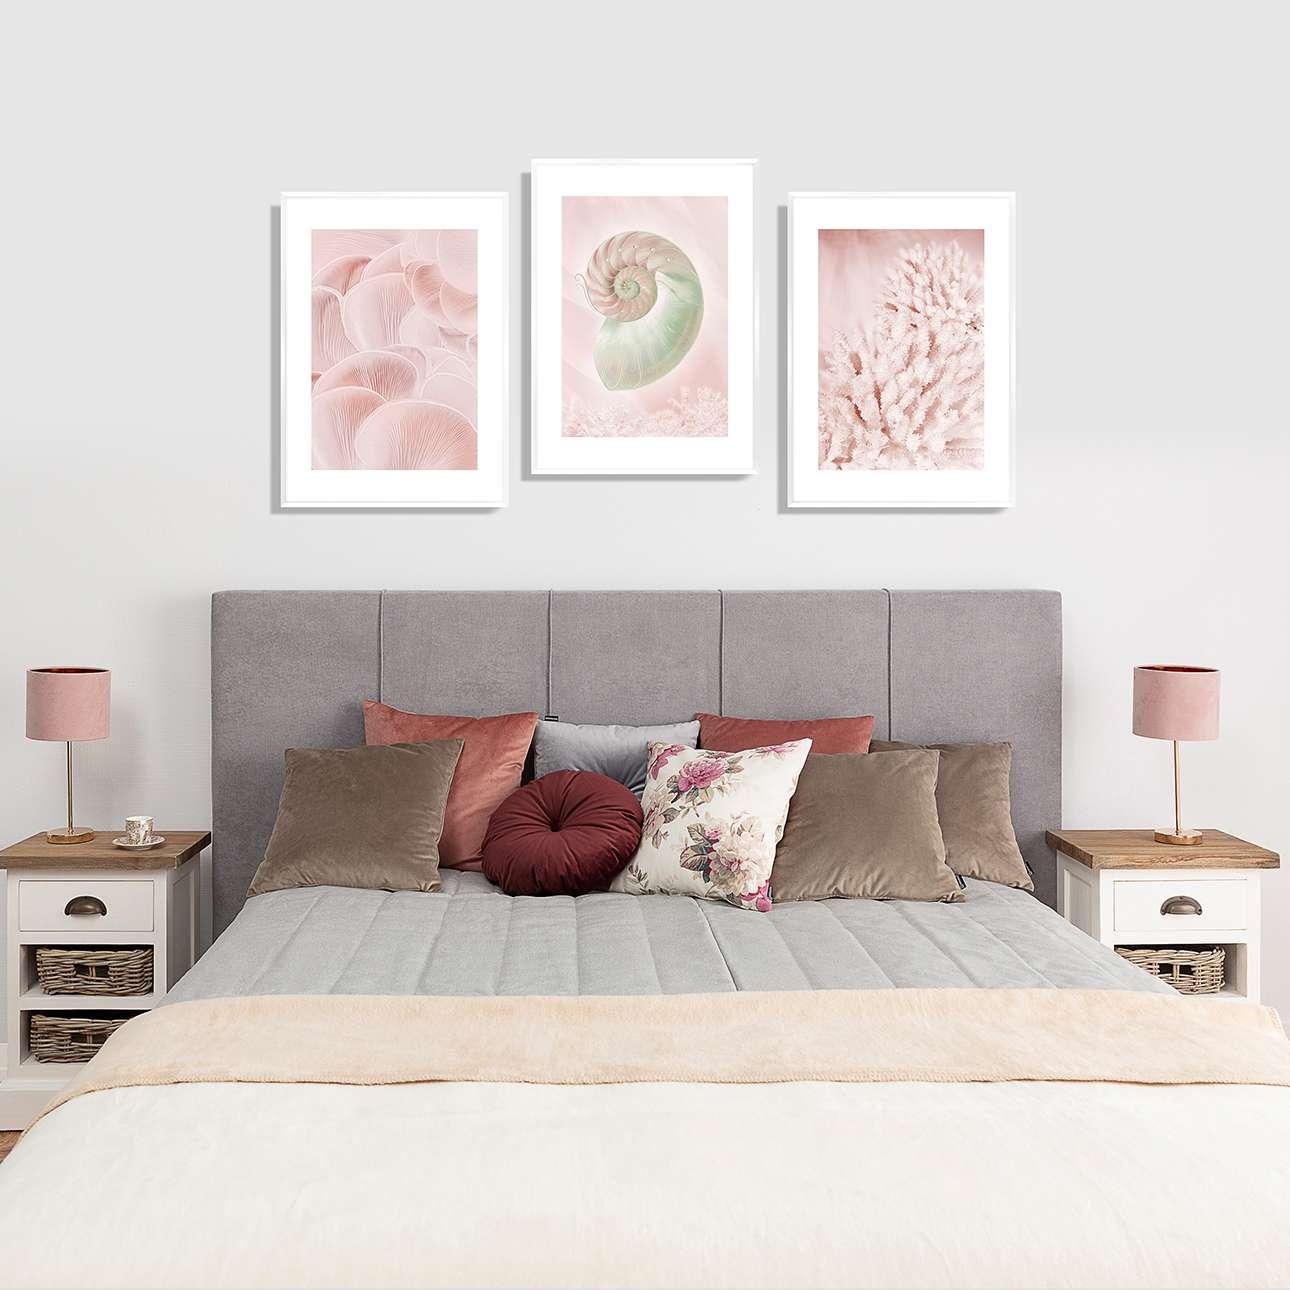 Plakat Pastel Pink III